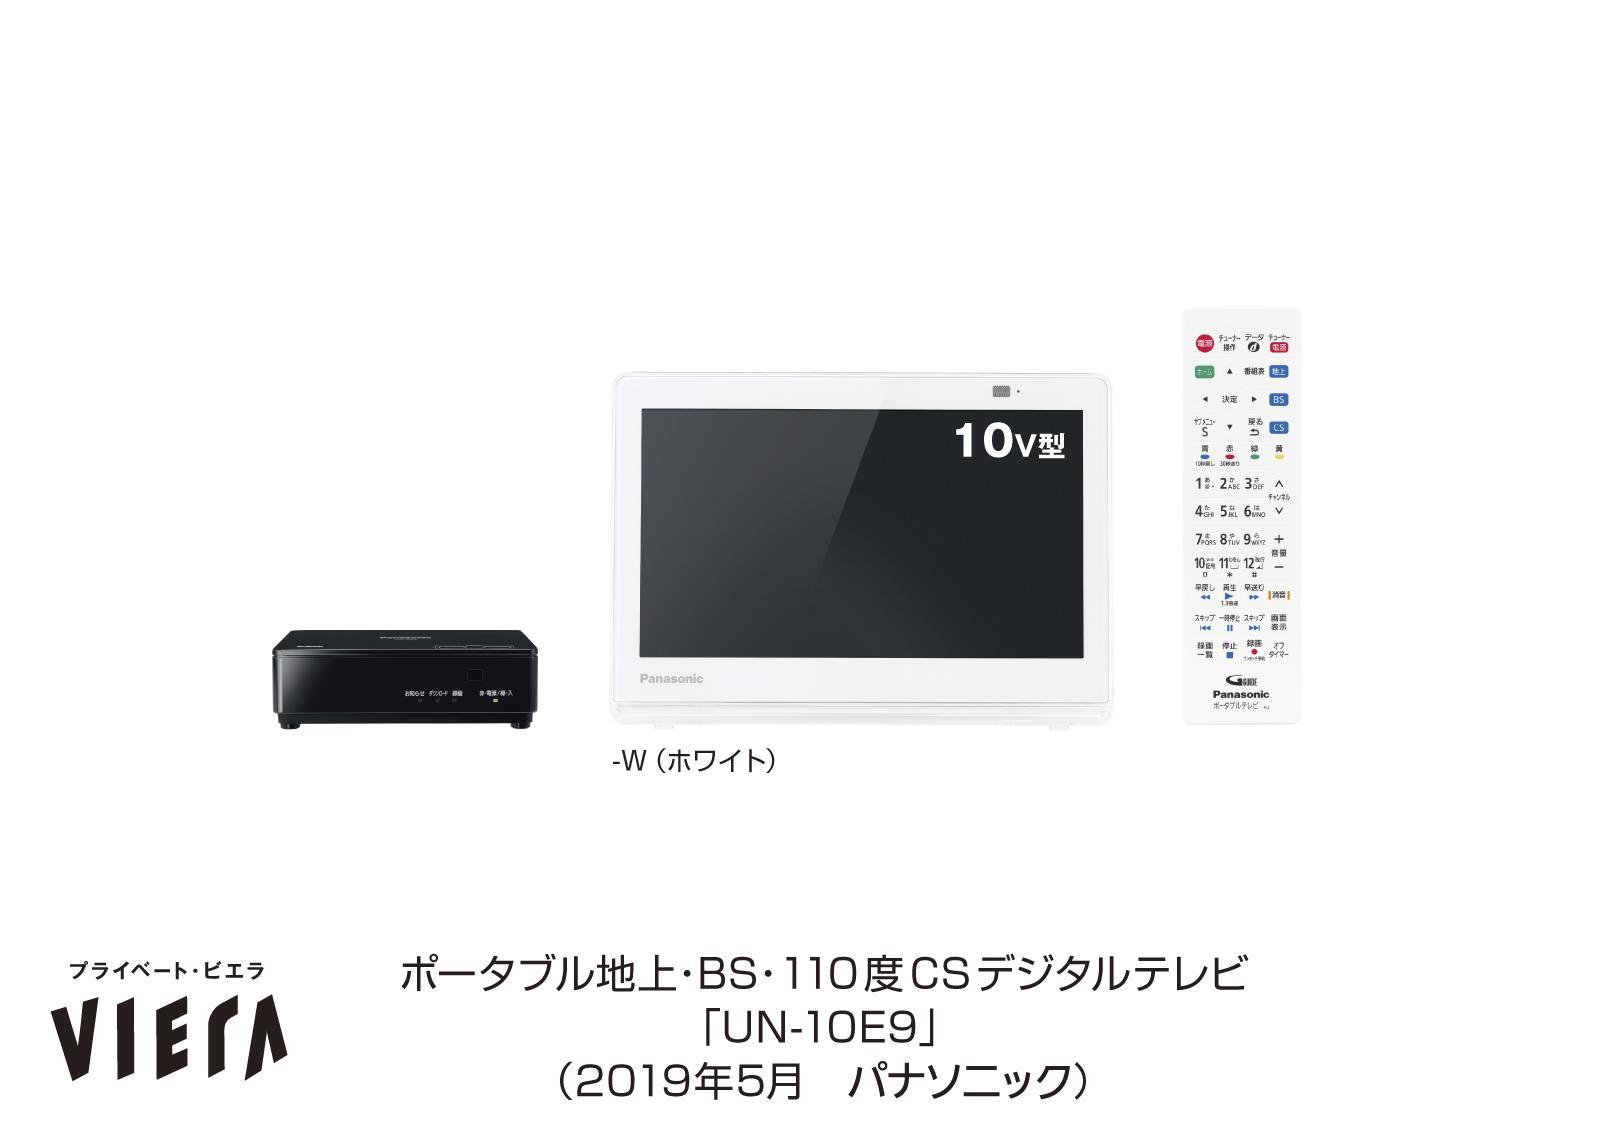 ポータブルテレビ「プライベート・ビエラ」UN-10E9